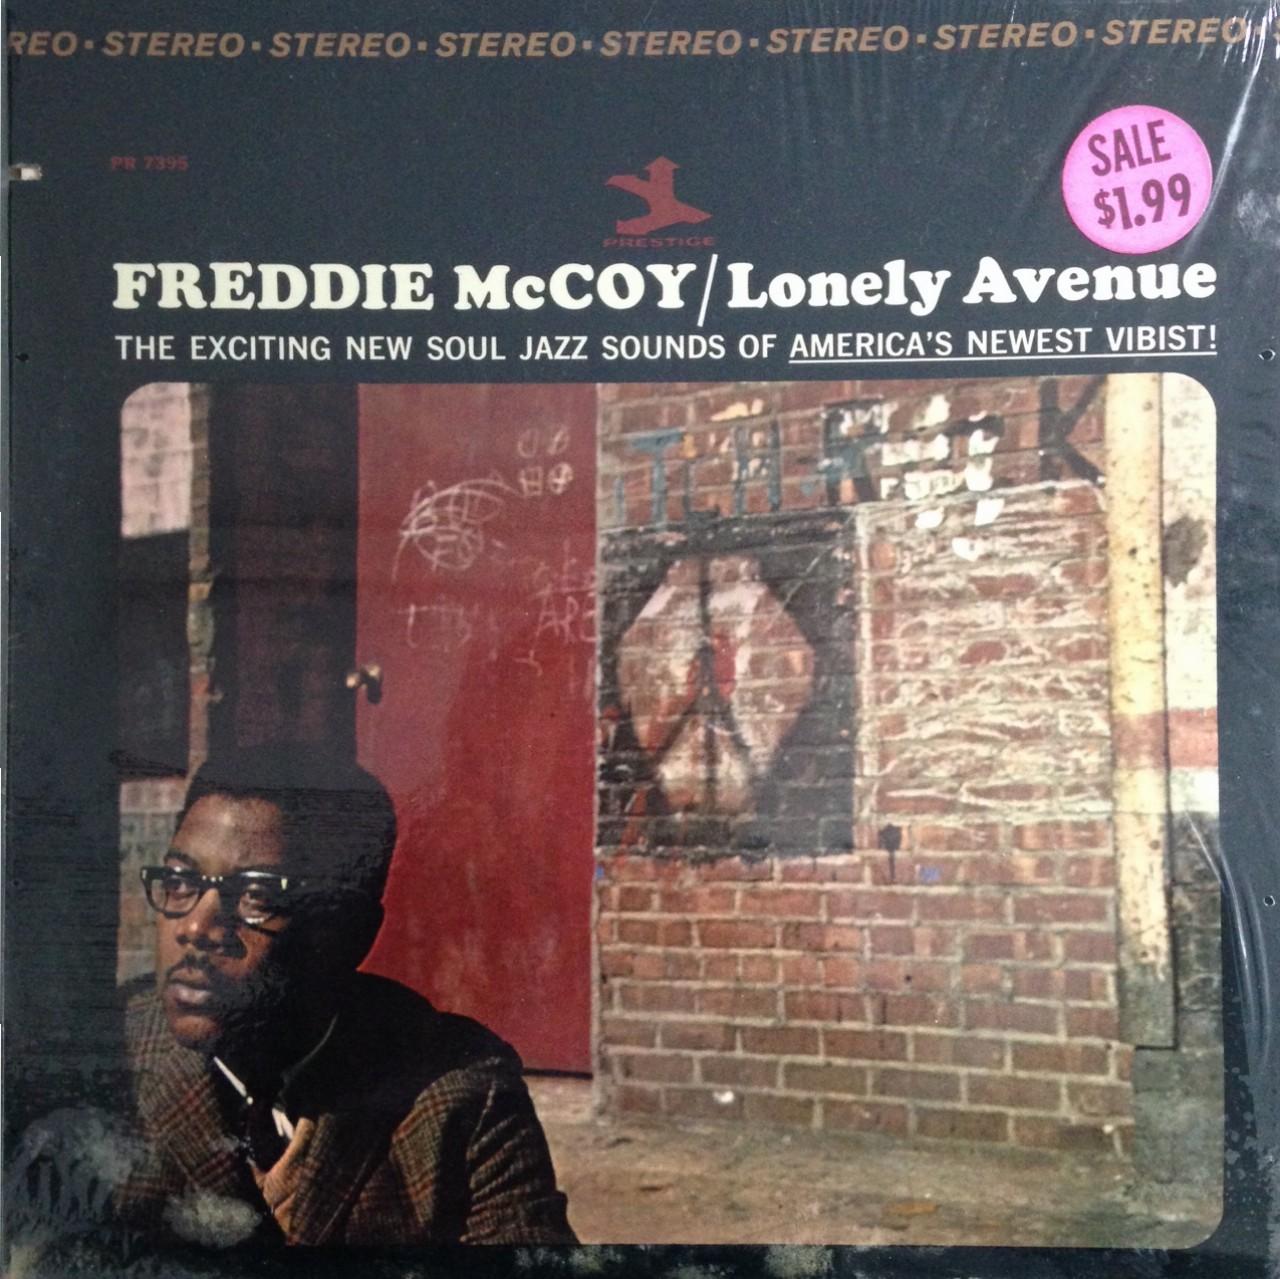 Freddie McCoy - Lonely Avenue